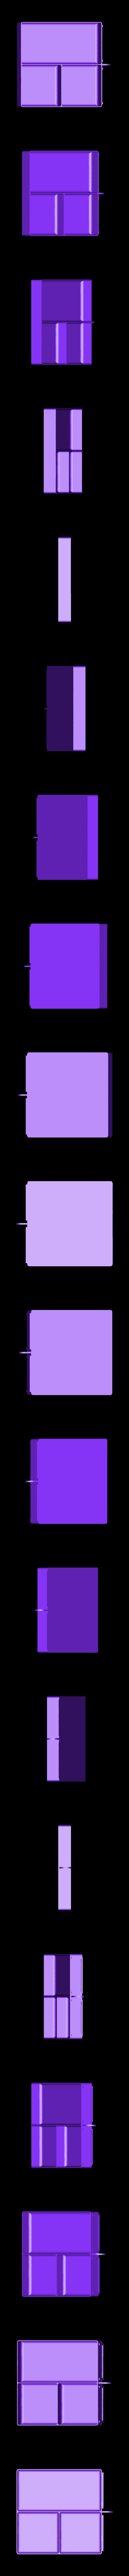 2.stl Télécharger fichier STL gratuit boîte de rangement • Design pour imprimante 3D, 1001thing3d